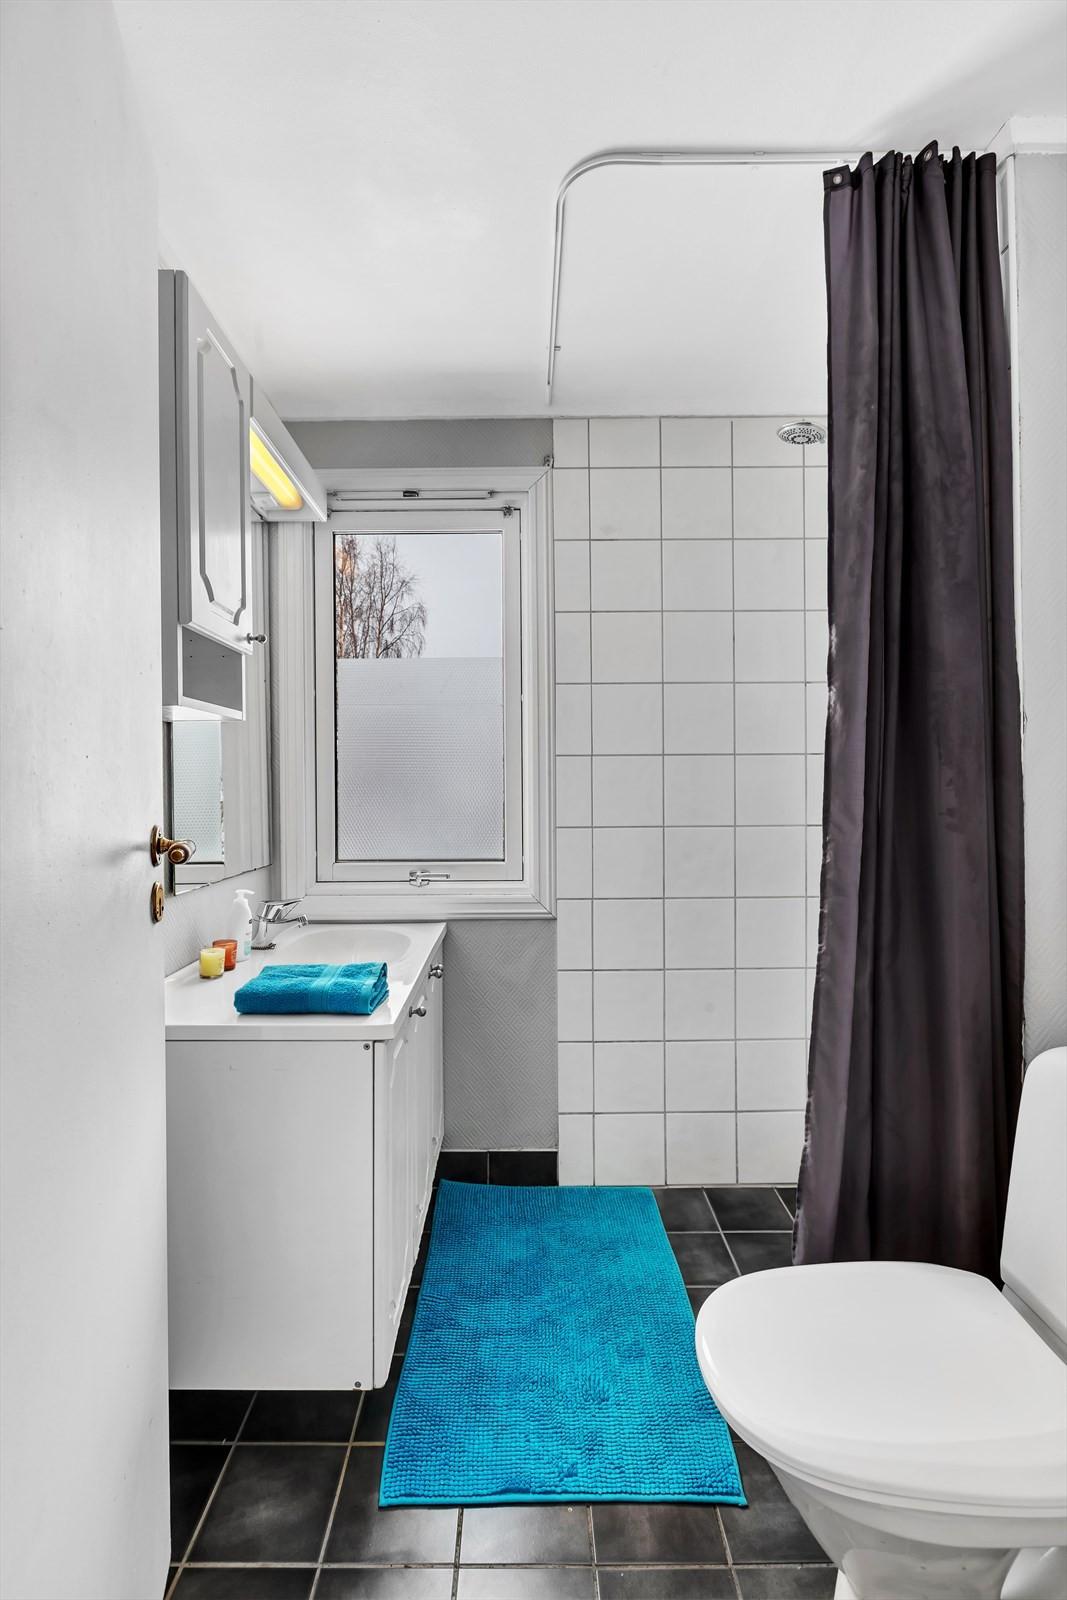 Flislagt bad - wc/dusj